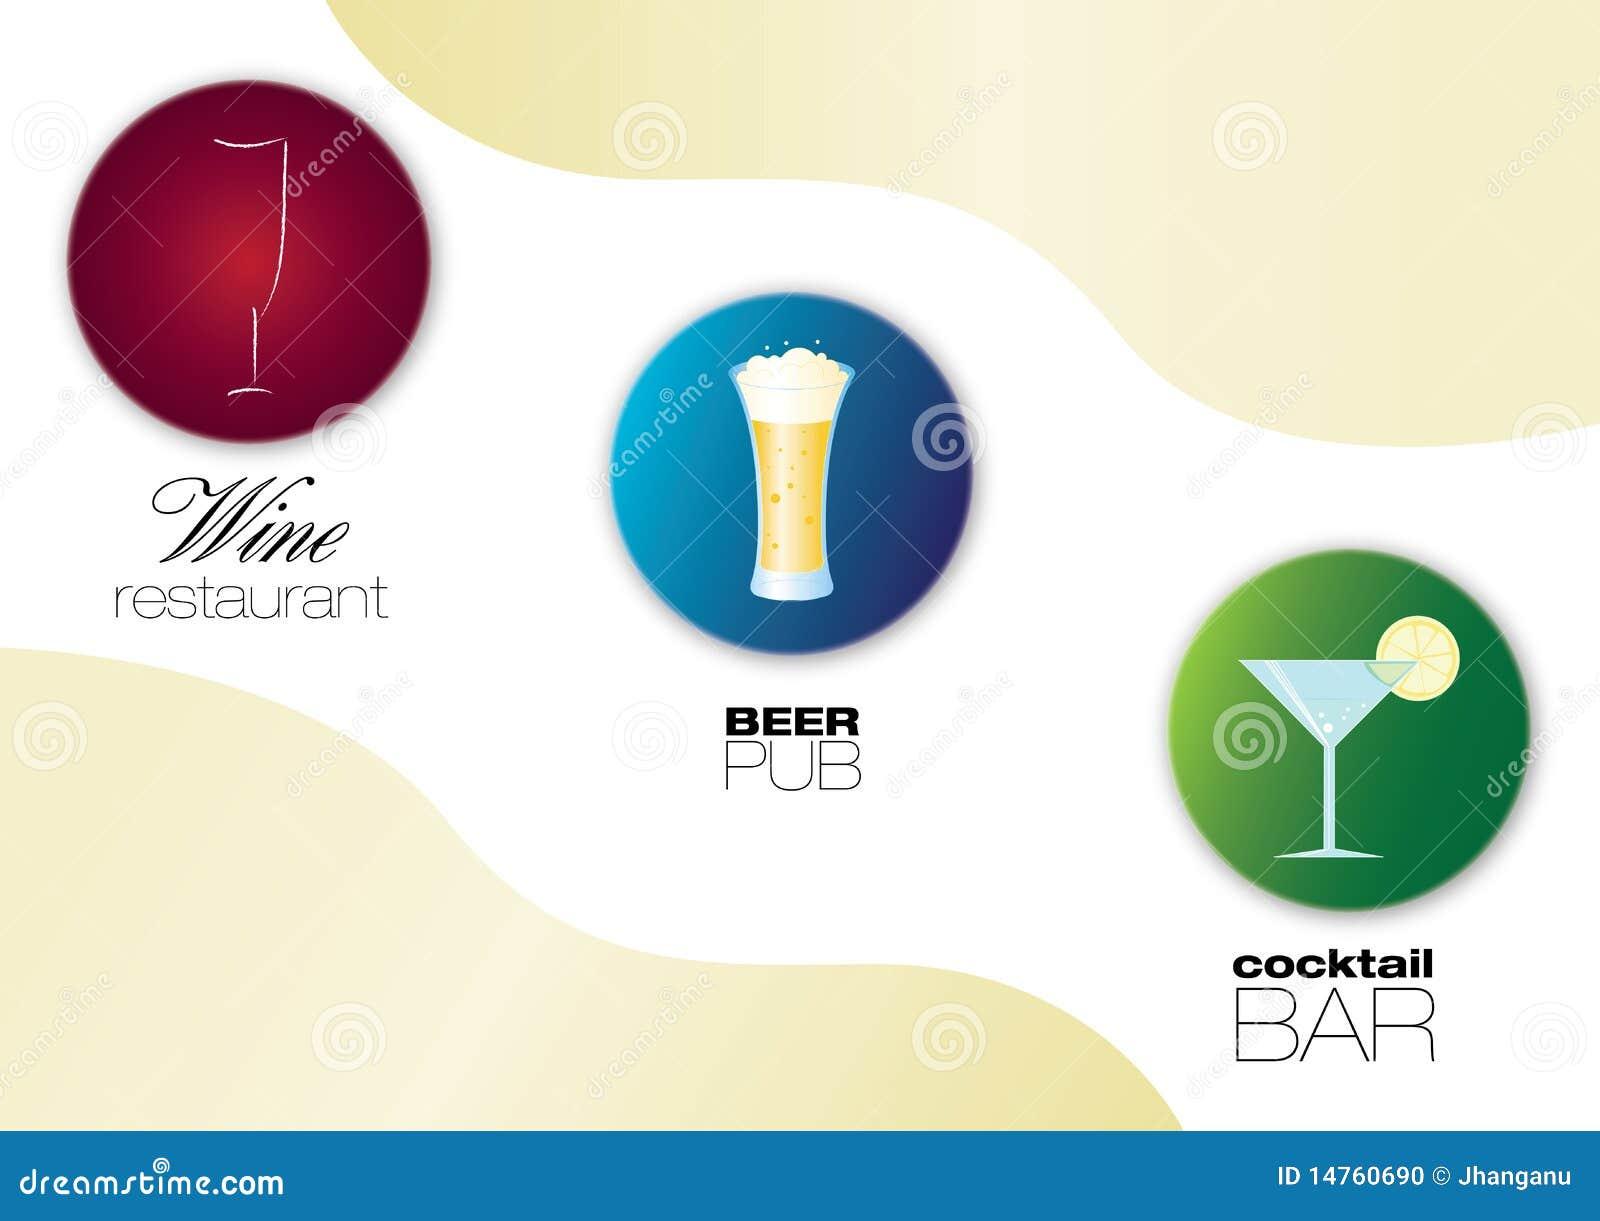 Weingaststätte, Bier Pub und Cocktail halten Ikonen ab